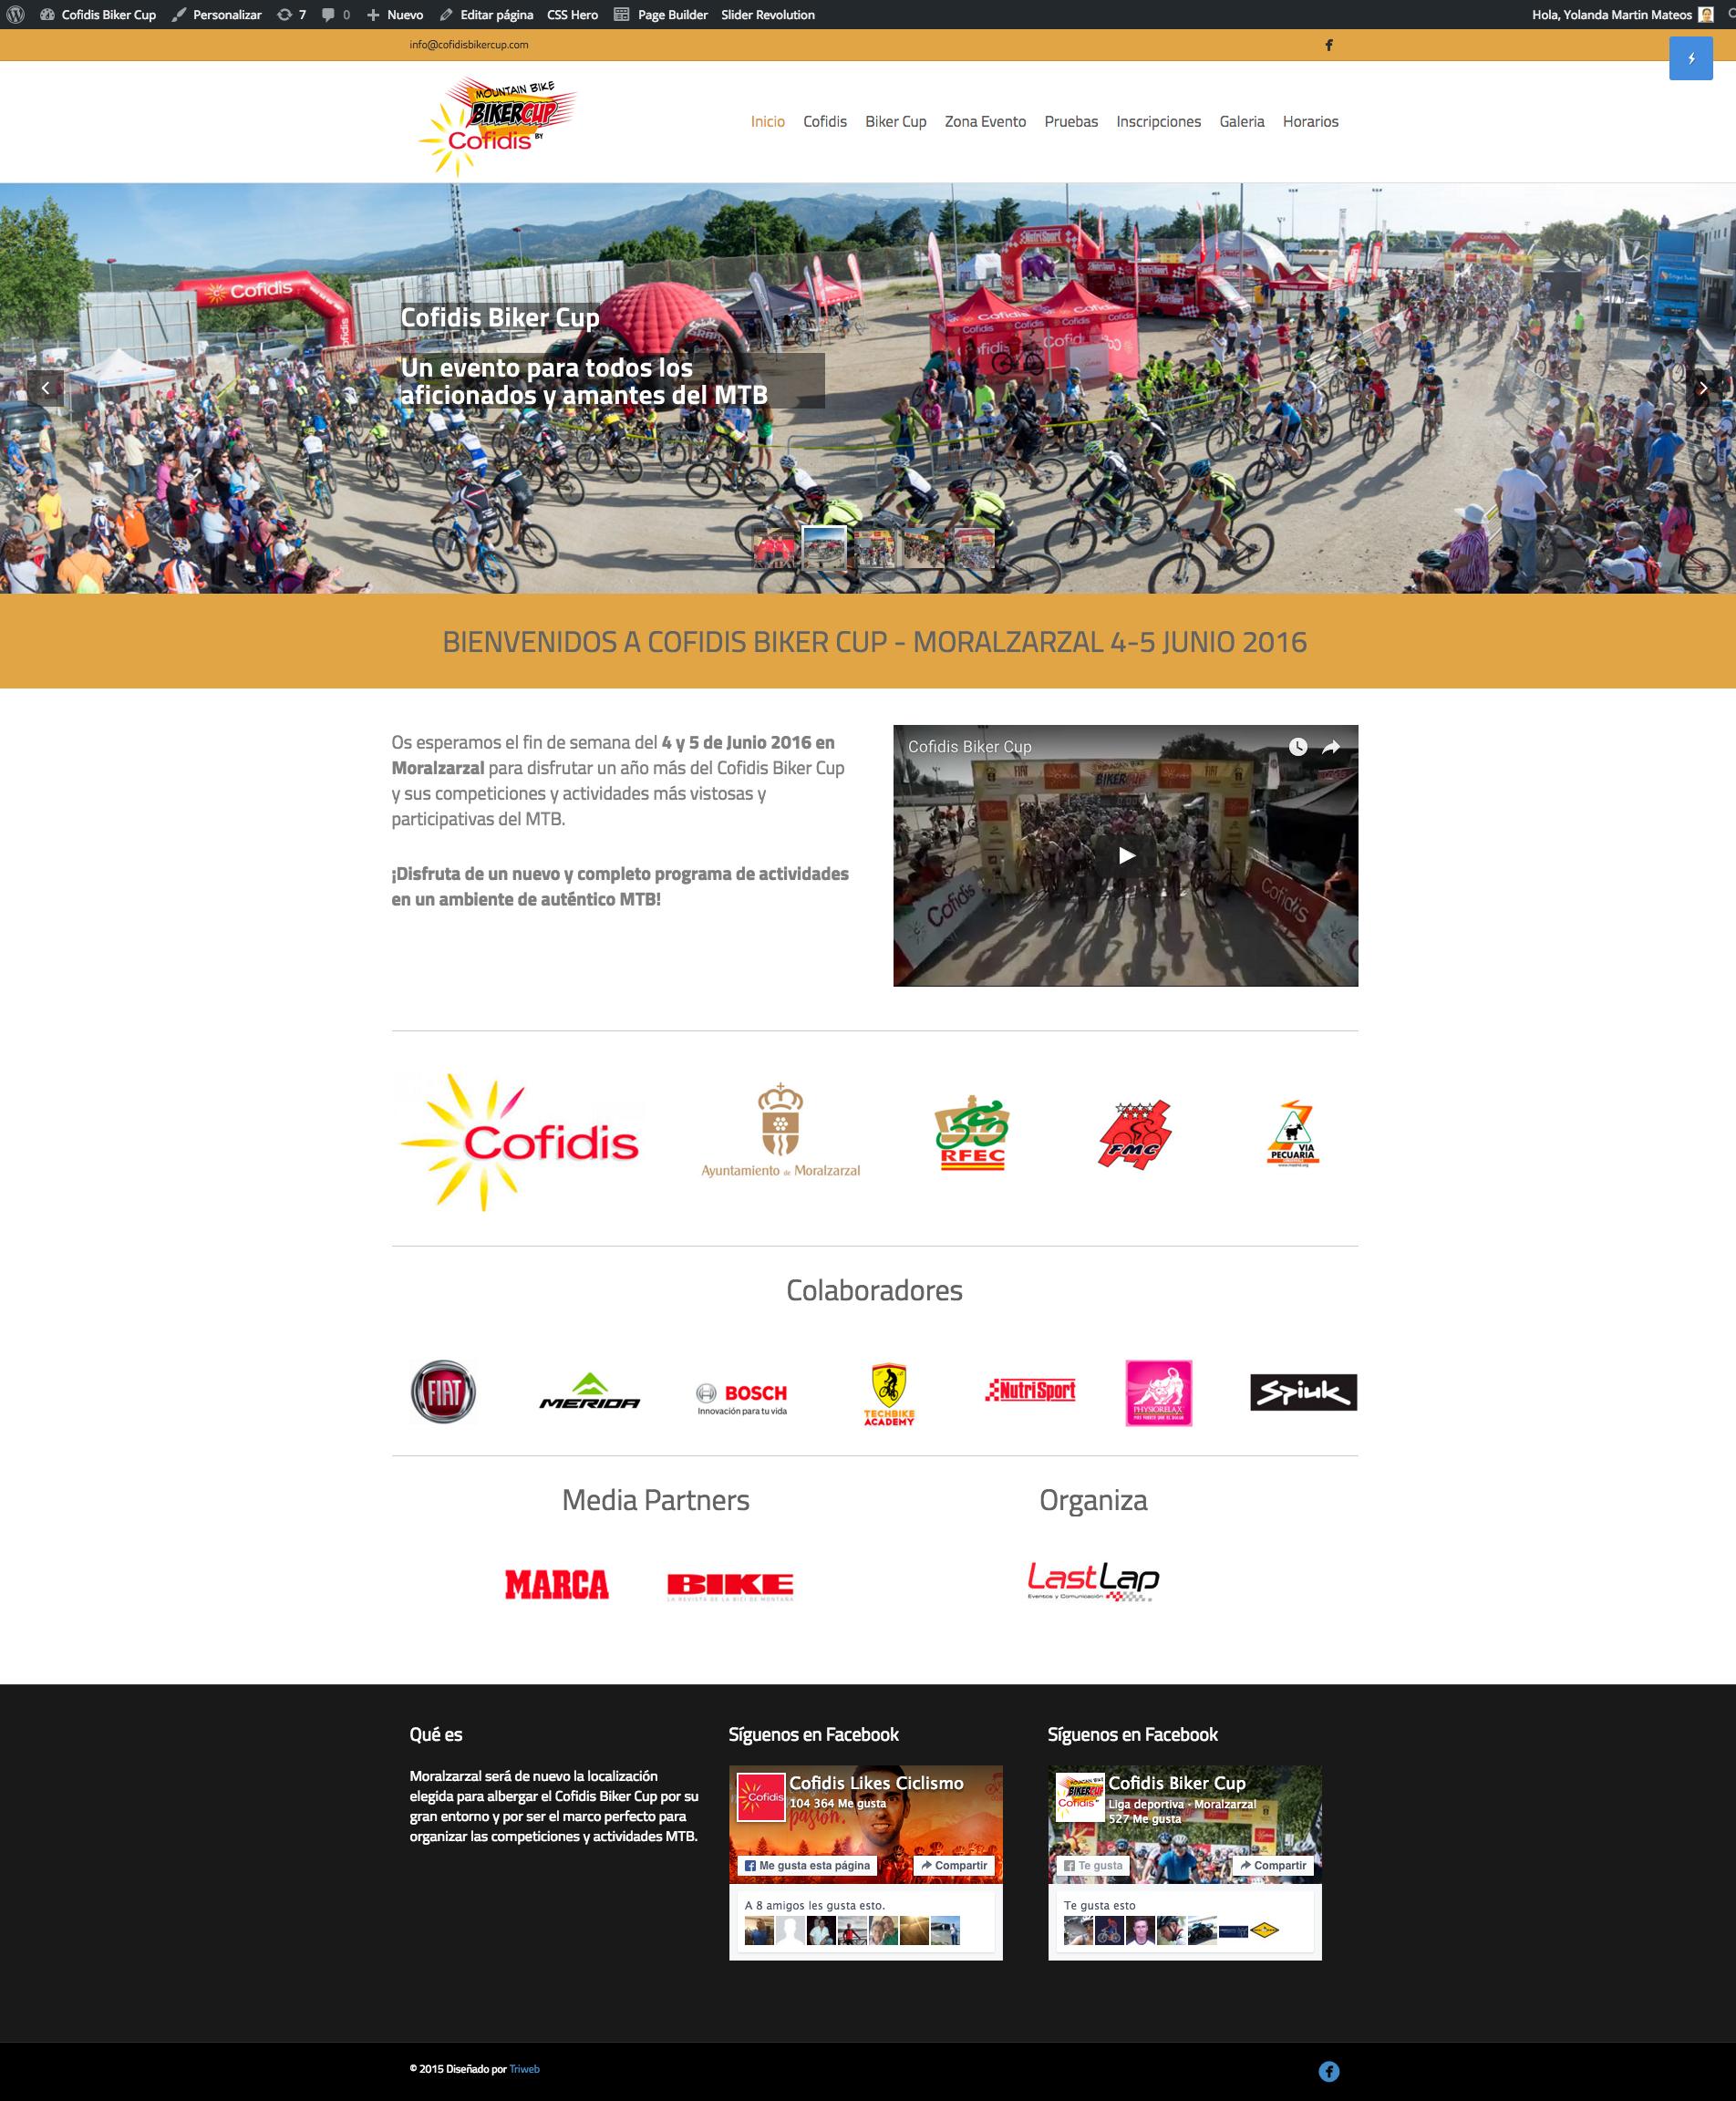 Tienda online de Fitness